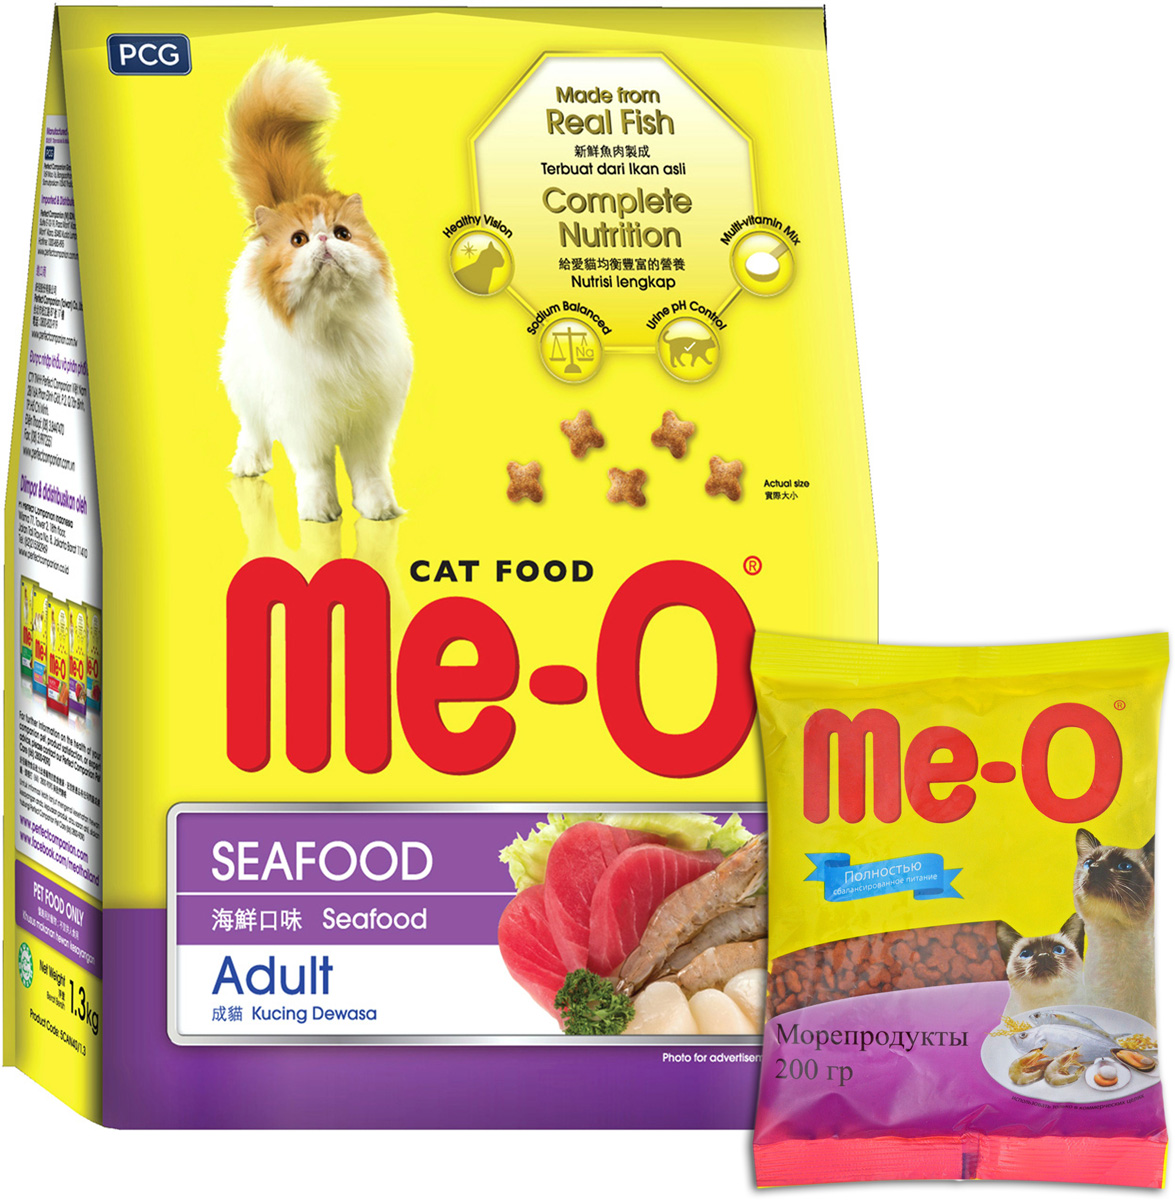 Корм сухой для кошек и котов PCG Ме-О, морепродукты, 200 г, 35 шт паучи для кошек и котов pcg ме о сардина с курицей и рисом в желе 80 г